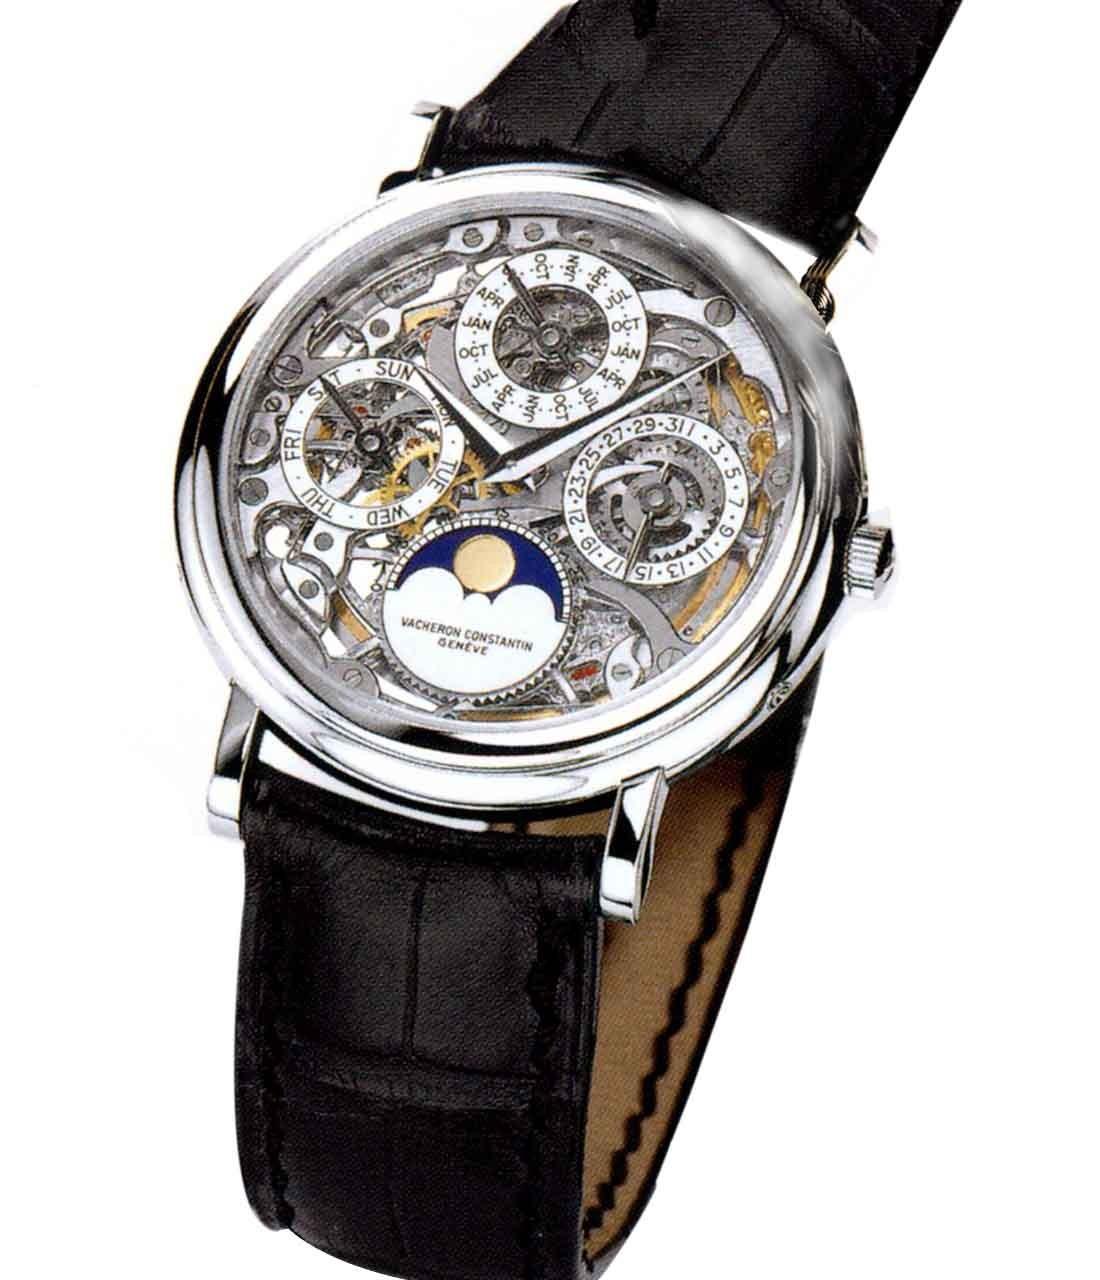 江诗丹顿全镂空手表的推介与欣赏,品鉴无可比拟的制表工艺